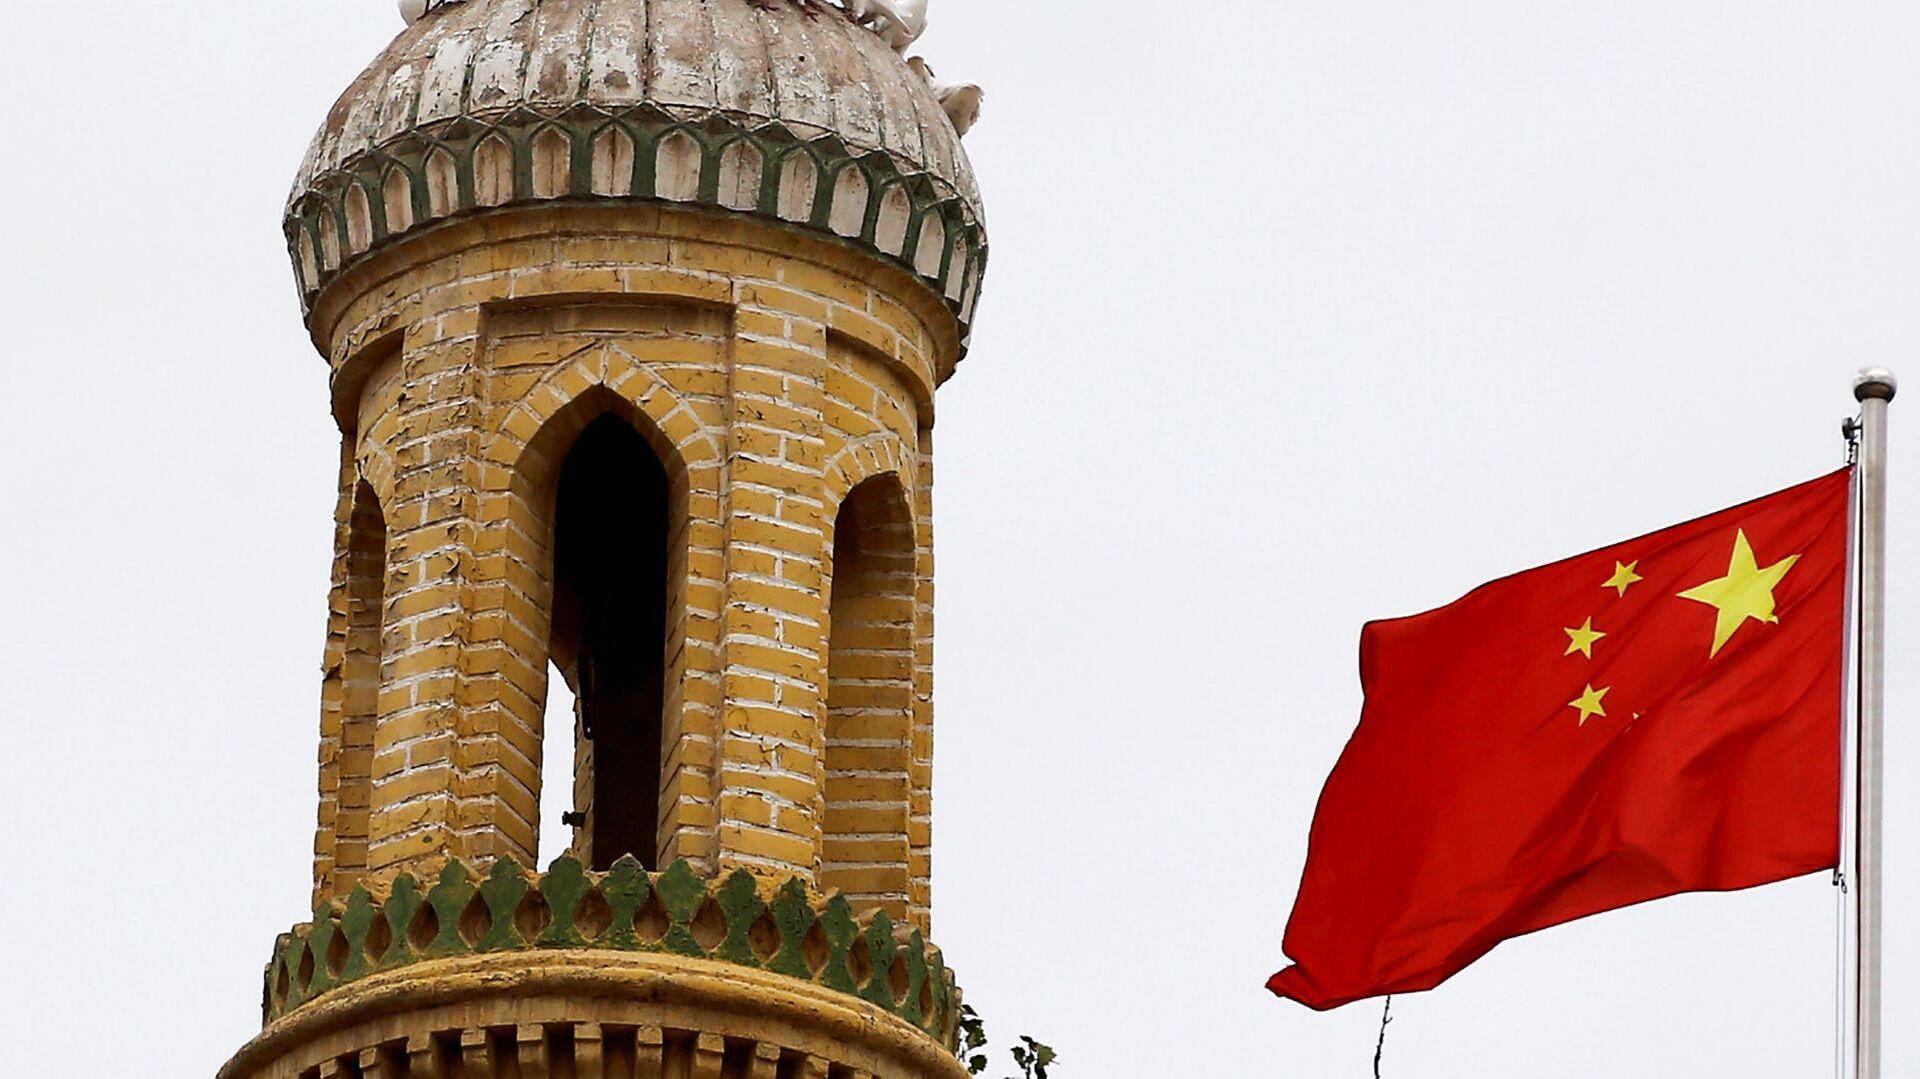 Китайский флаг на башне в Кашгаре, Синьцзян-Уйгурский автономный район, Китай - Sputnik Узбекистан, 1920, 28.02.2021